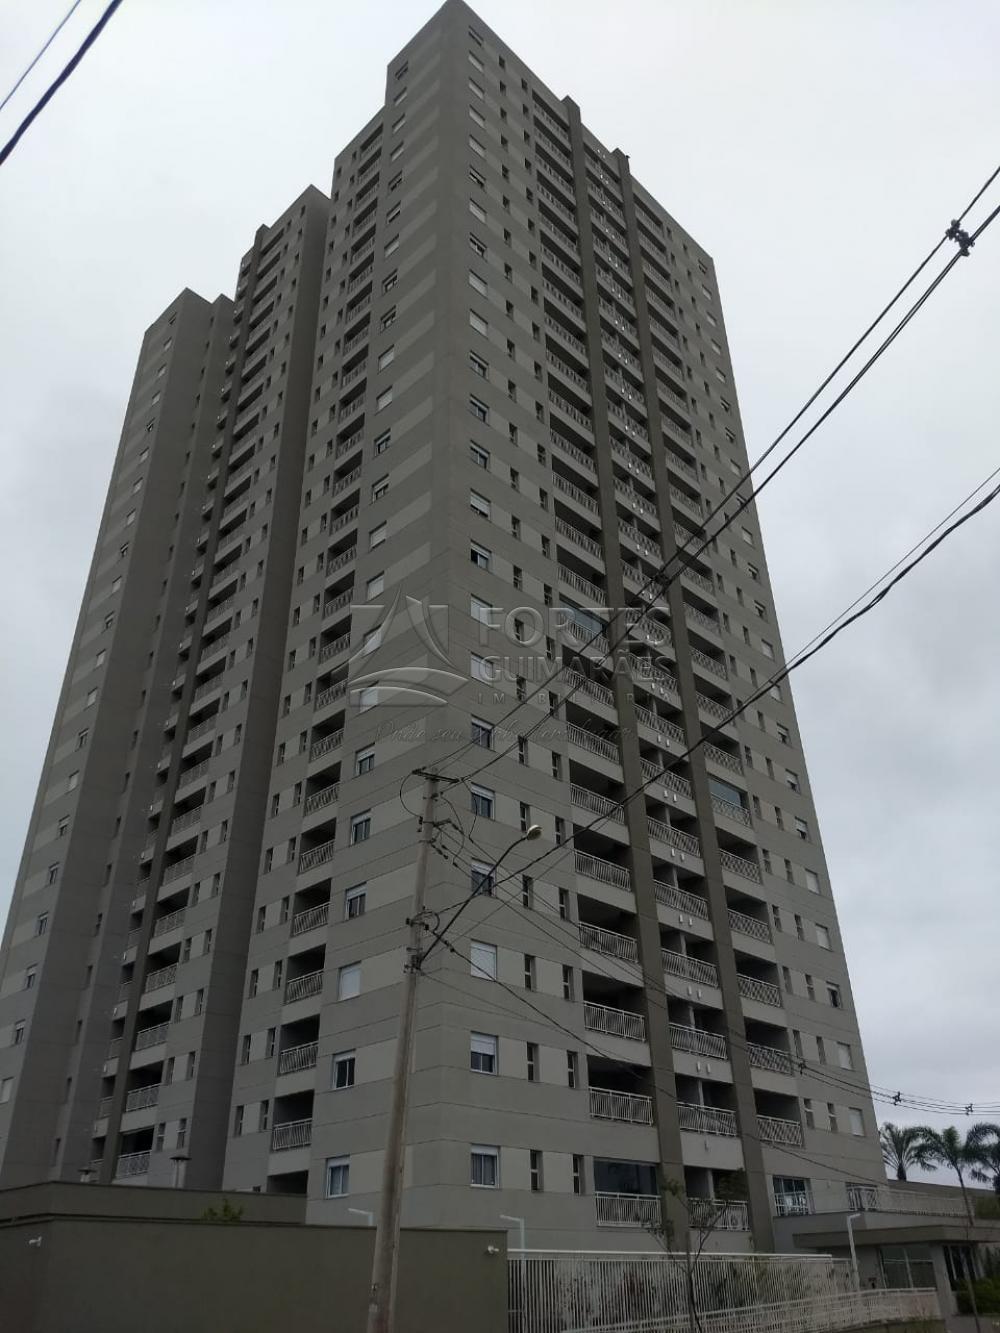 Alugar Apartamentos / Padrão em Ribeirão Preto apenas R$ 1.700,00 - Foto 1